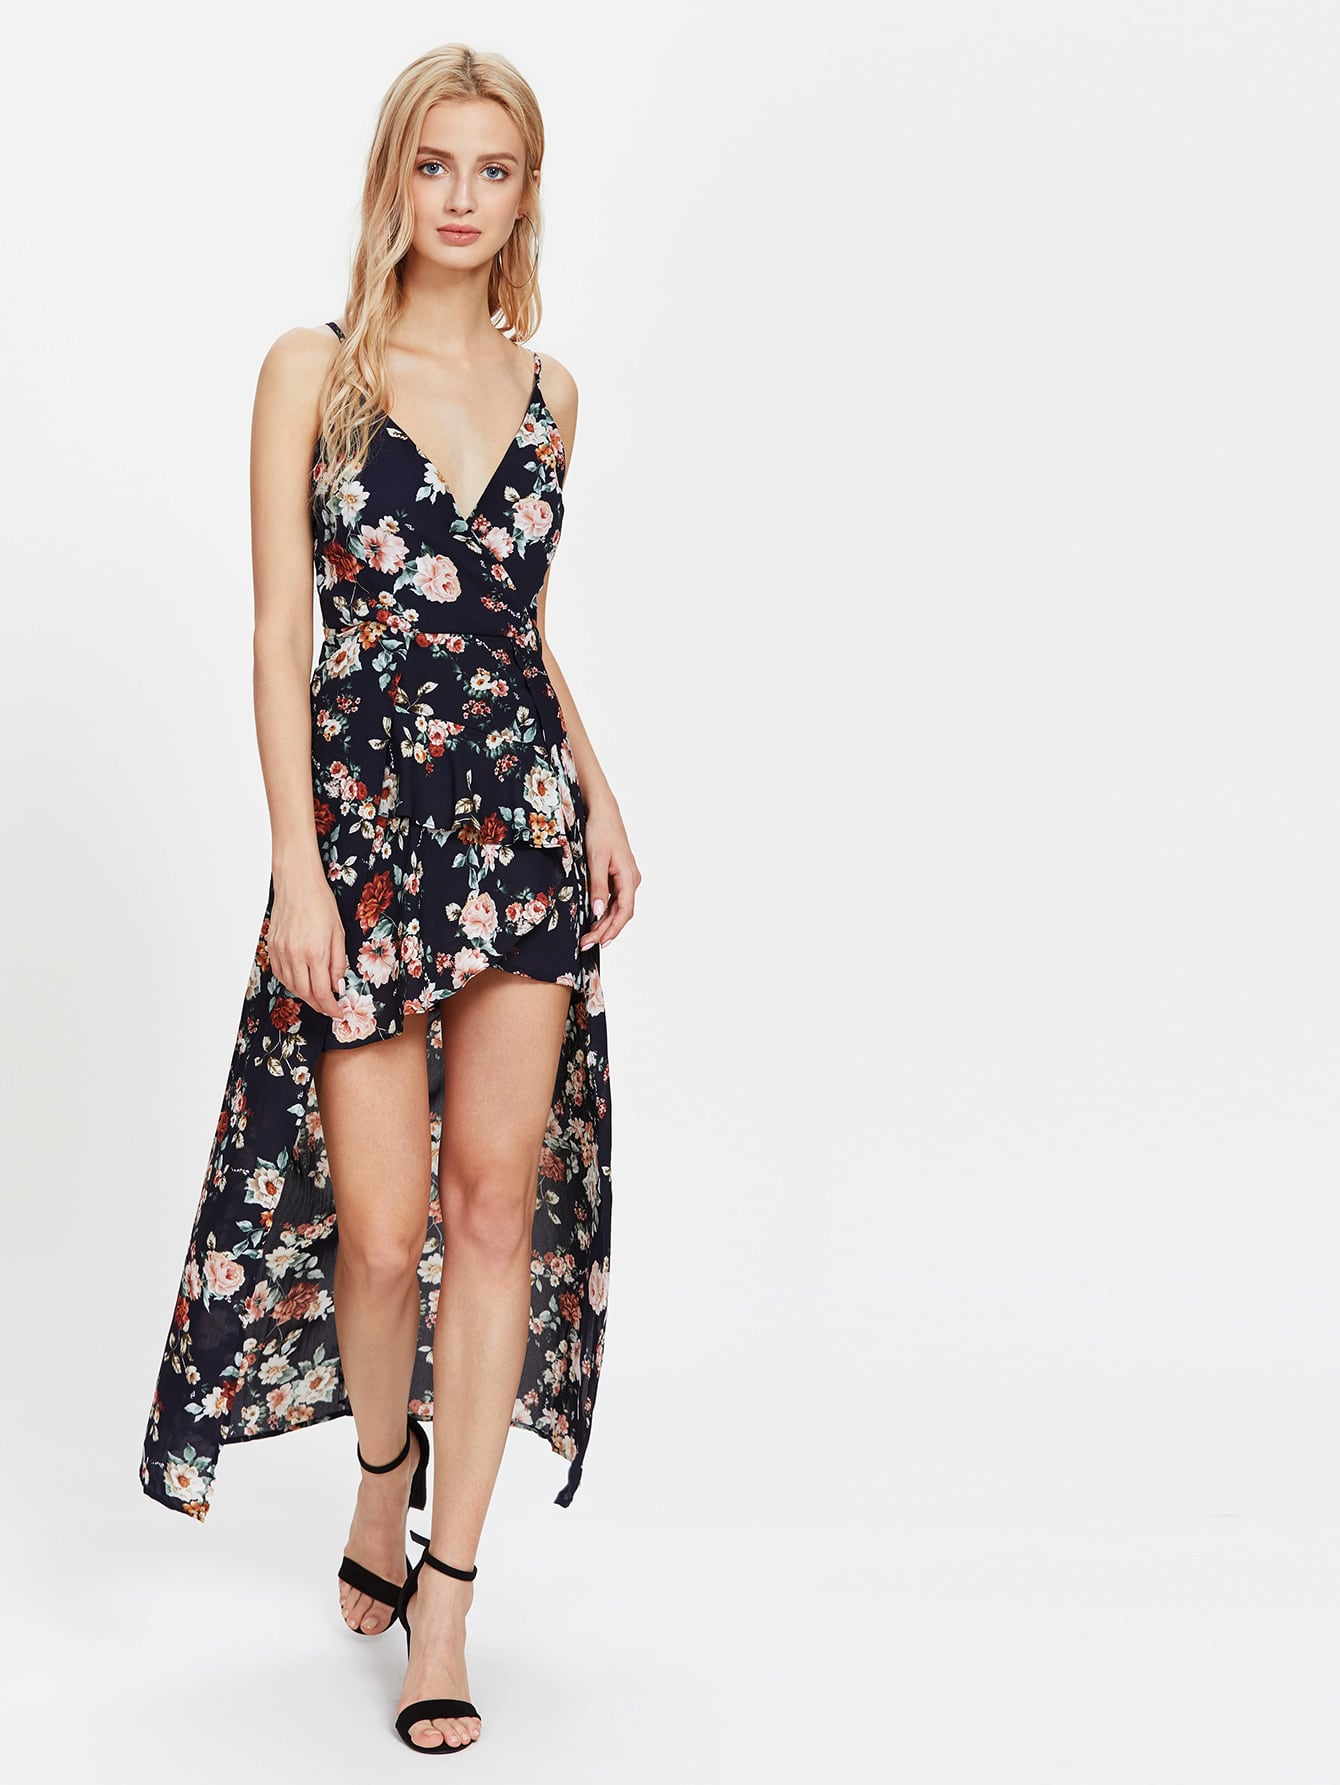 Floral Print Asymmetrical Playsuit jumpsuit170626403